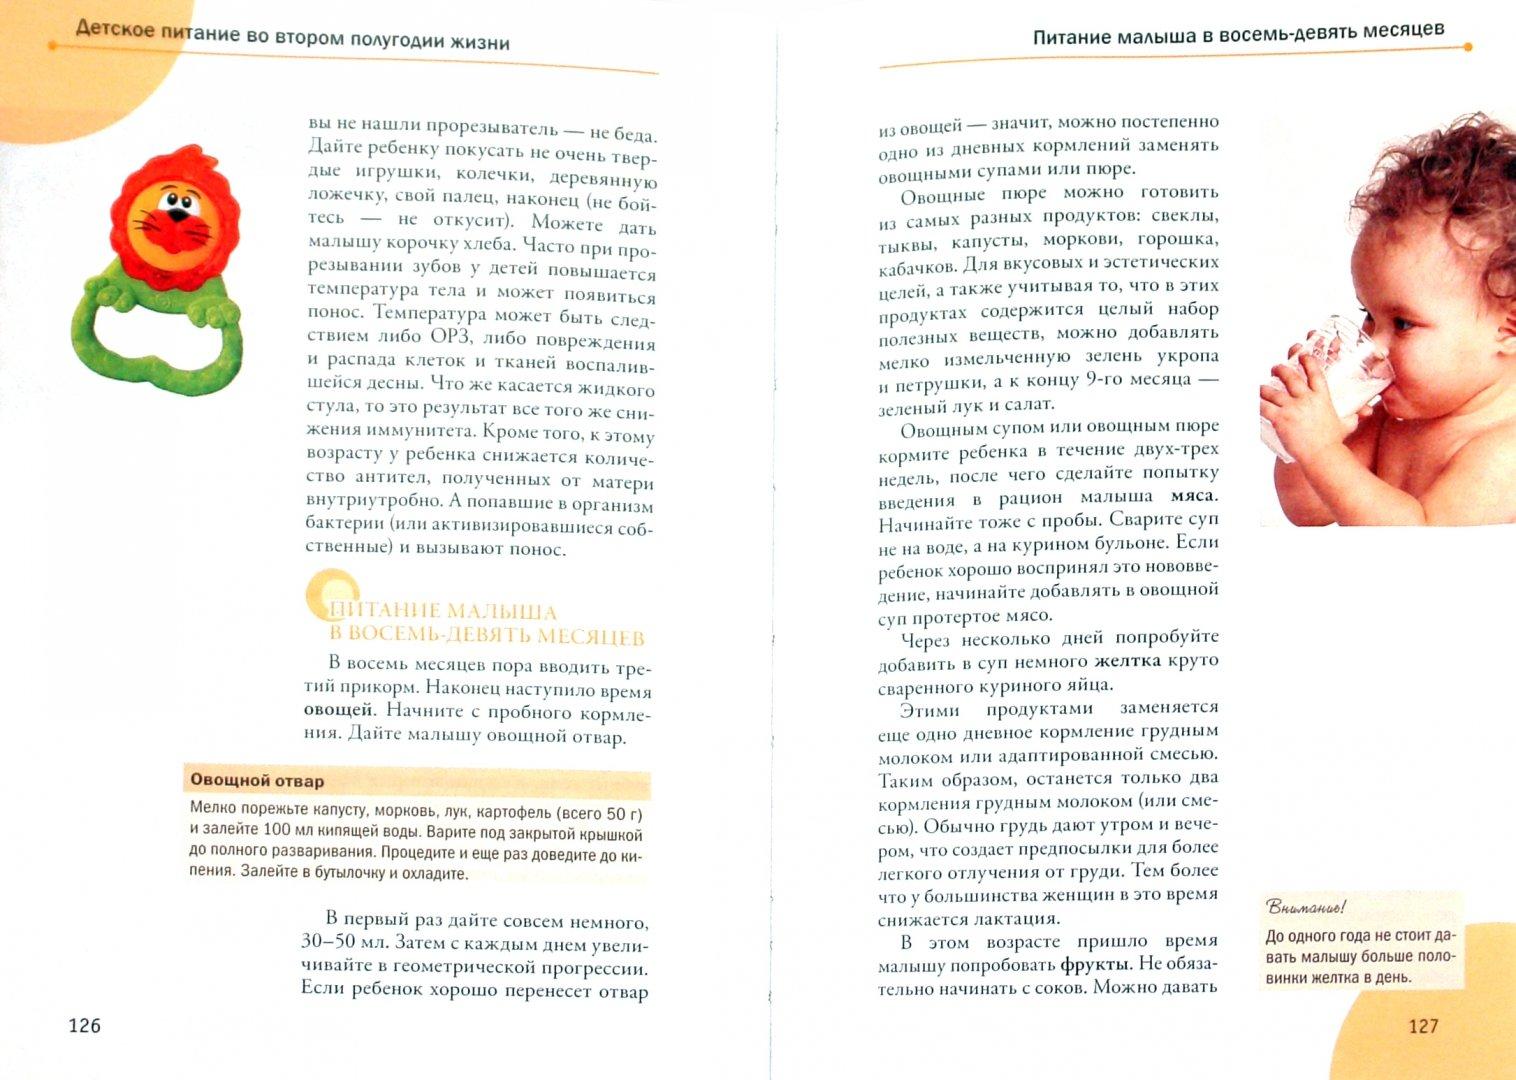 Иллюстрация 1 из 12 для Заботливое меню для здоровья мамы и грудничка: от зачатия до года - Белопольский, Бабанин | Лабиринт - книги. Источник: Лабиринт